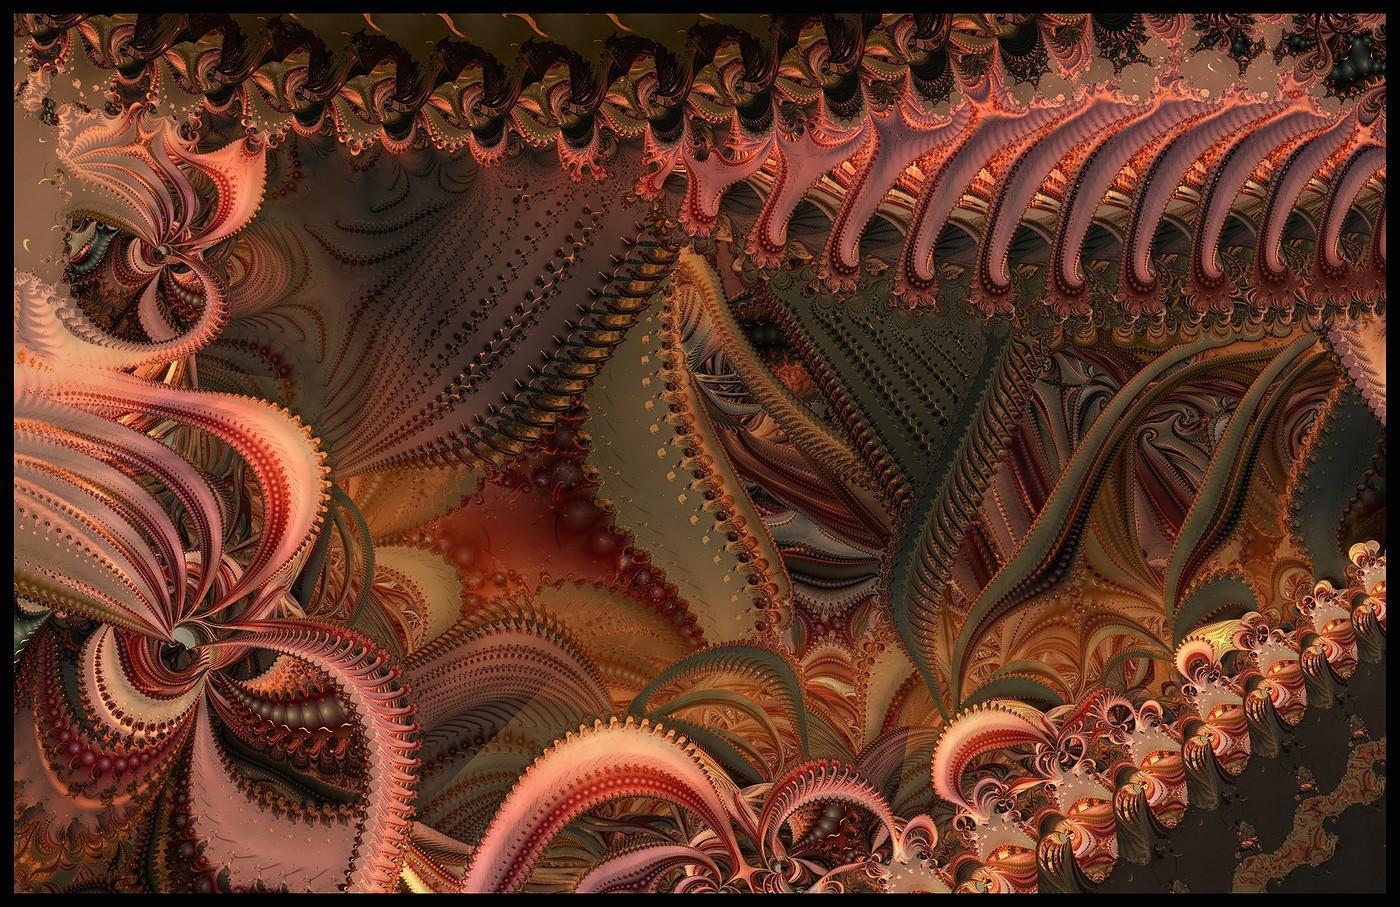 Fractal Image 11612312112a